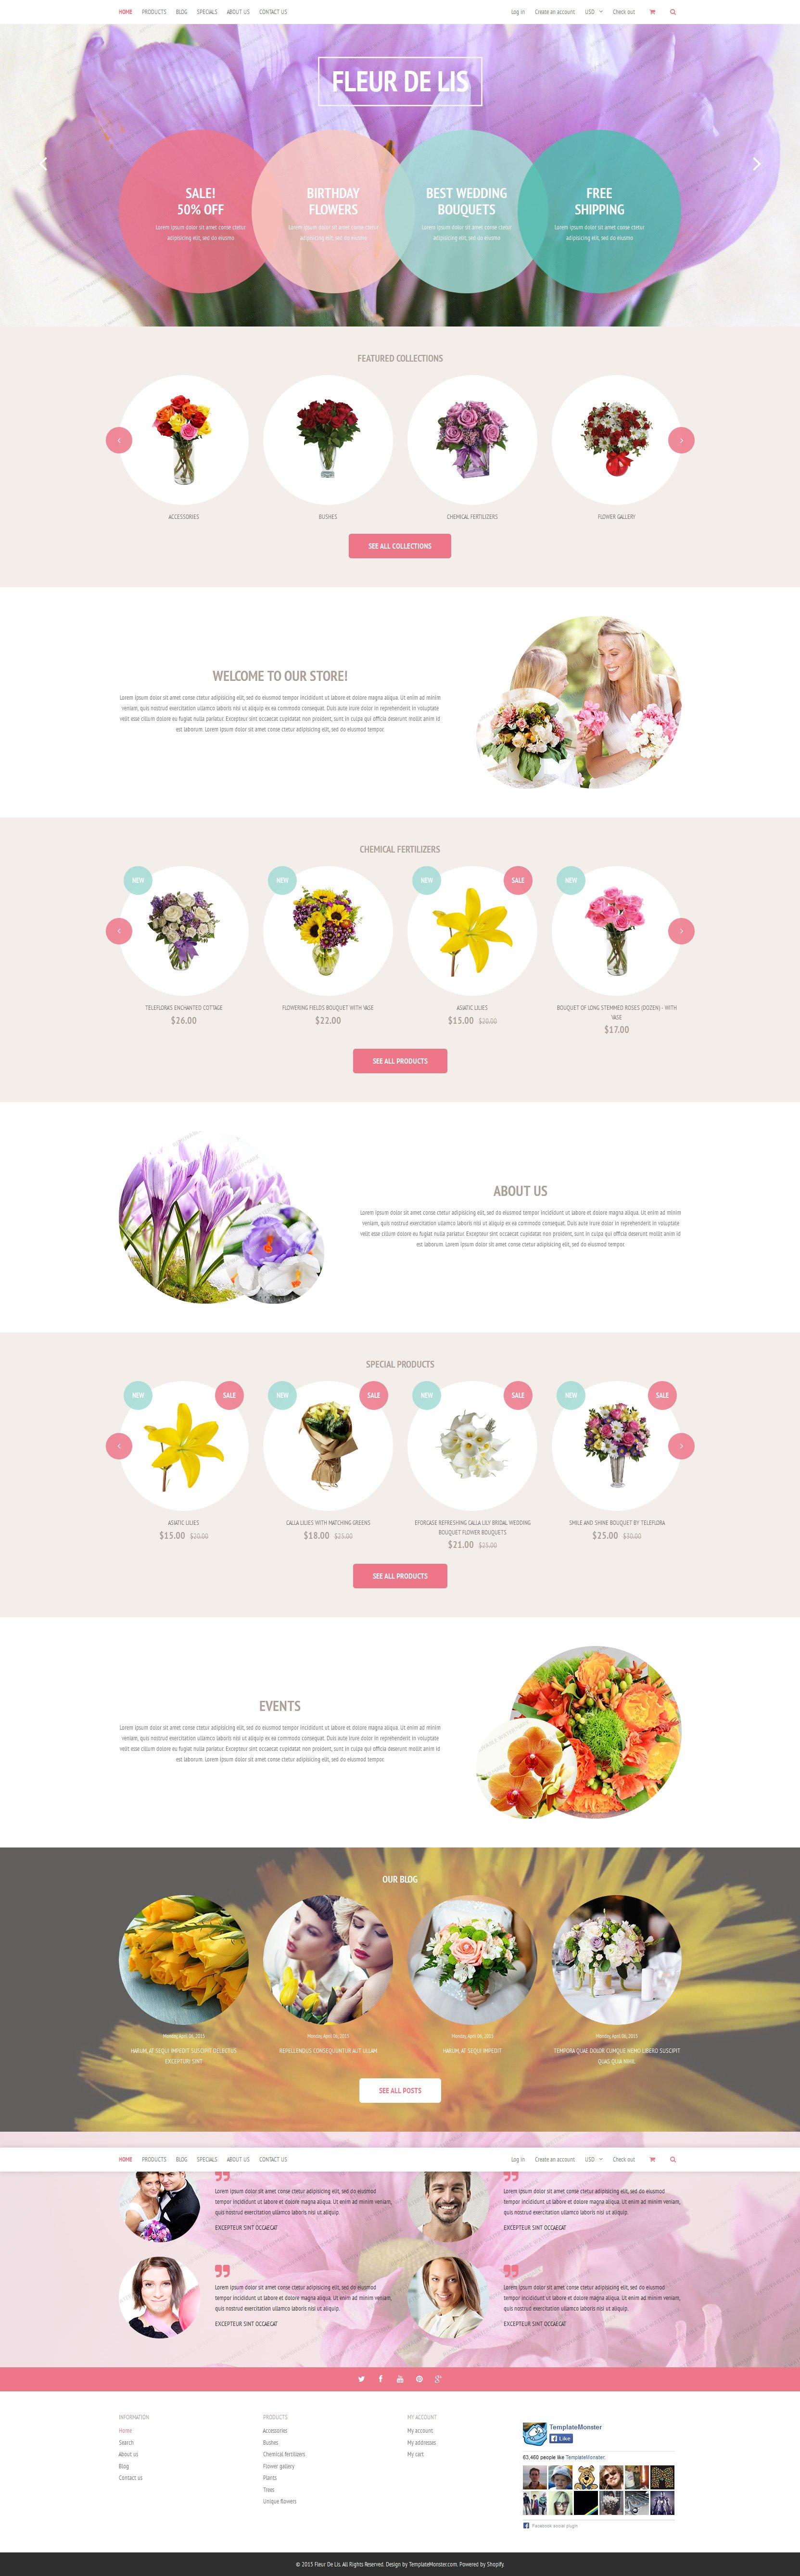 Fleur de lis Shopify Theme Tema de Shopify №53602 - captura de tela